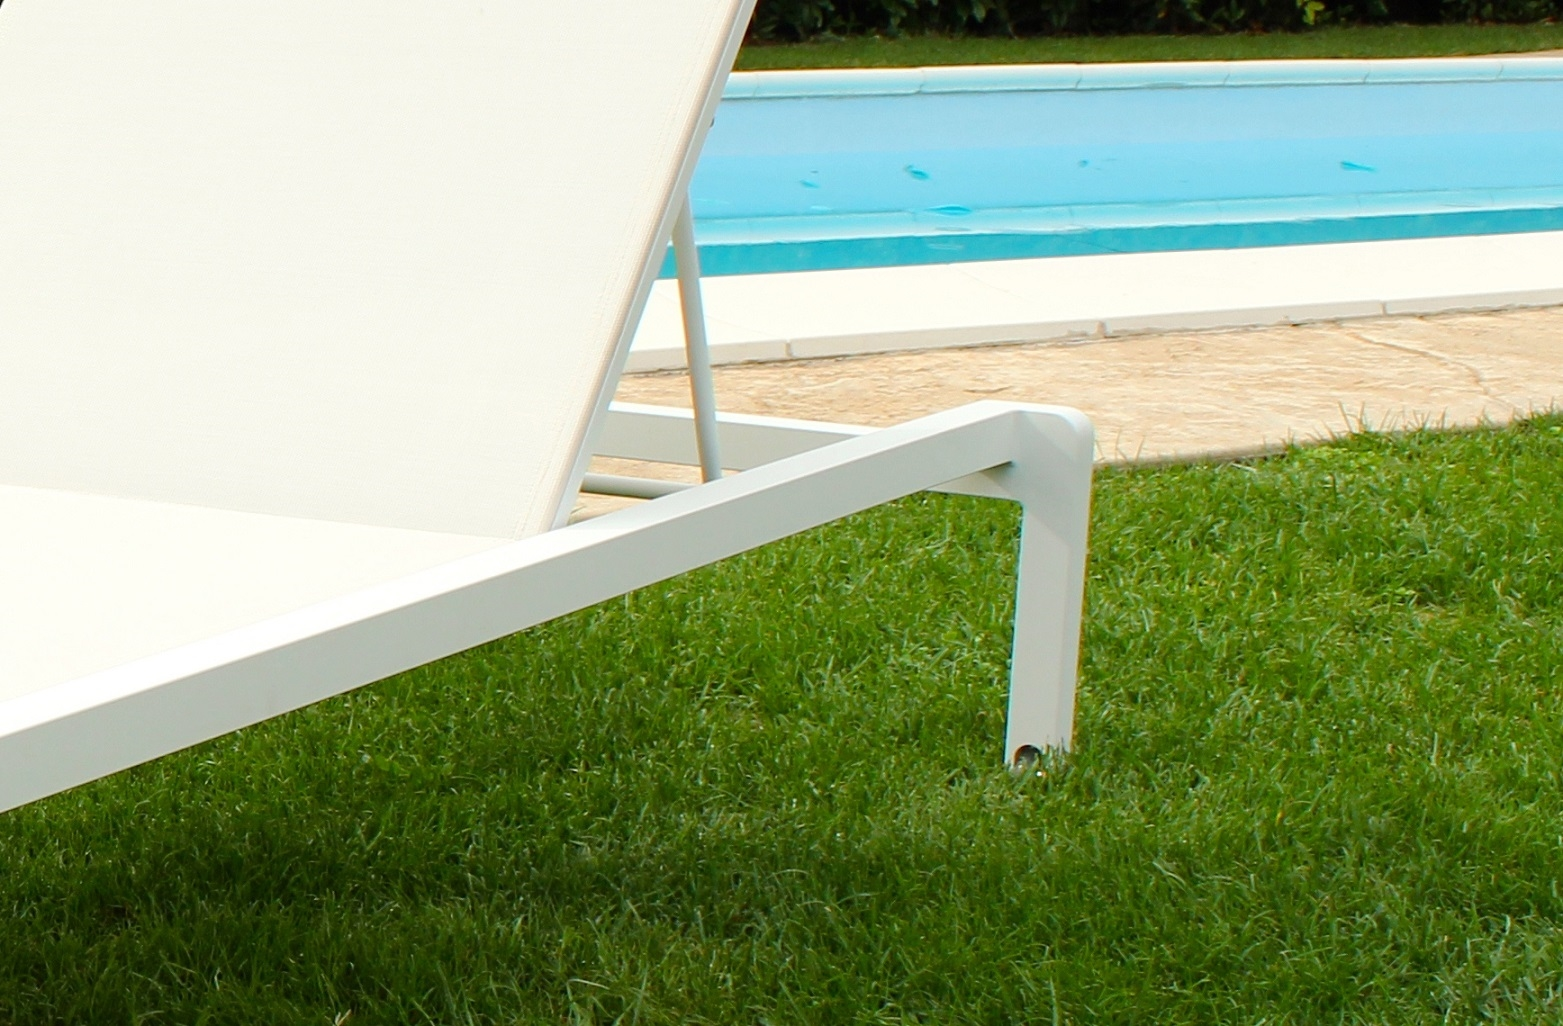 Lettino portland regolabile in alluminio arredo giardino for Arredo da giardino in alluminio